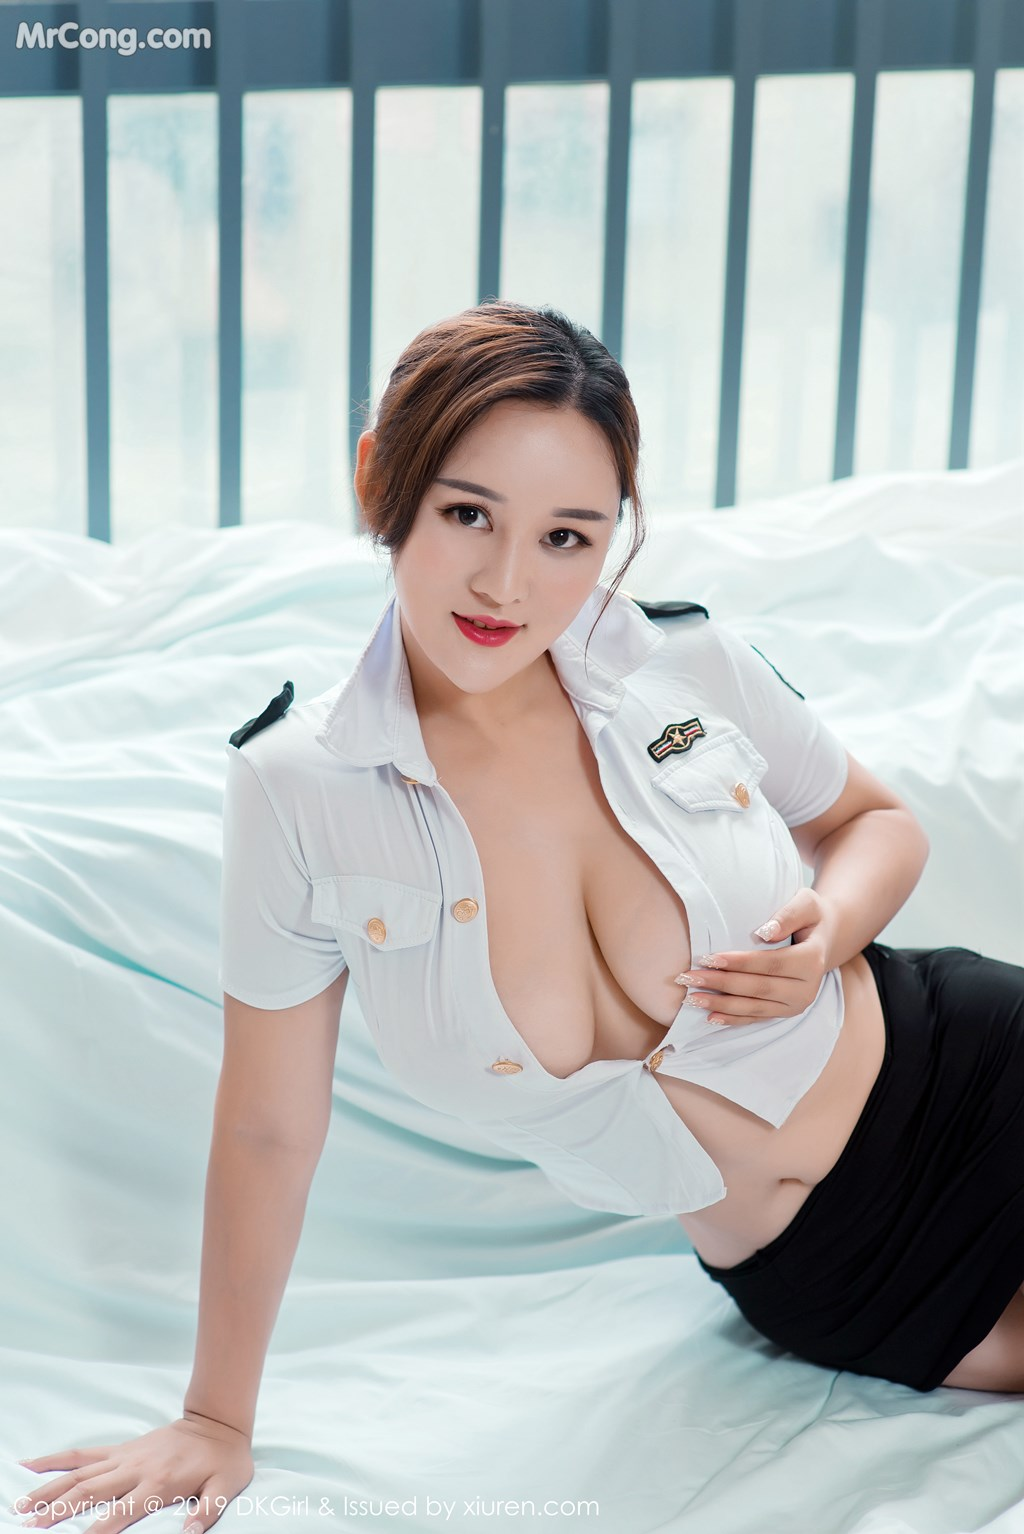 Image DKGirl-Vol.107-ber-MrCong.com-005 in post DKGirl Vol.107: 潘琳琳ber (54 ảnh)